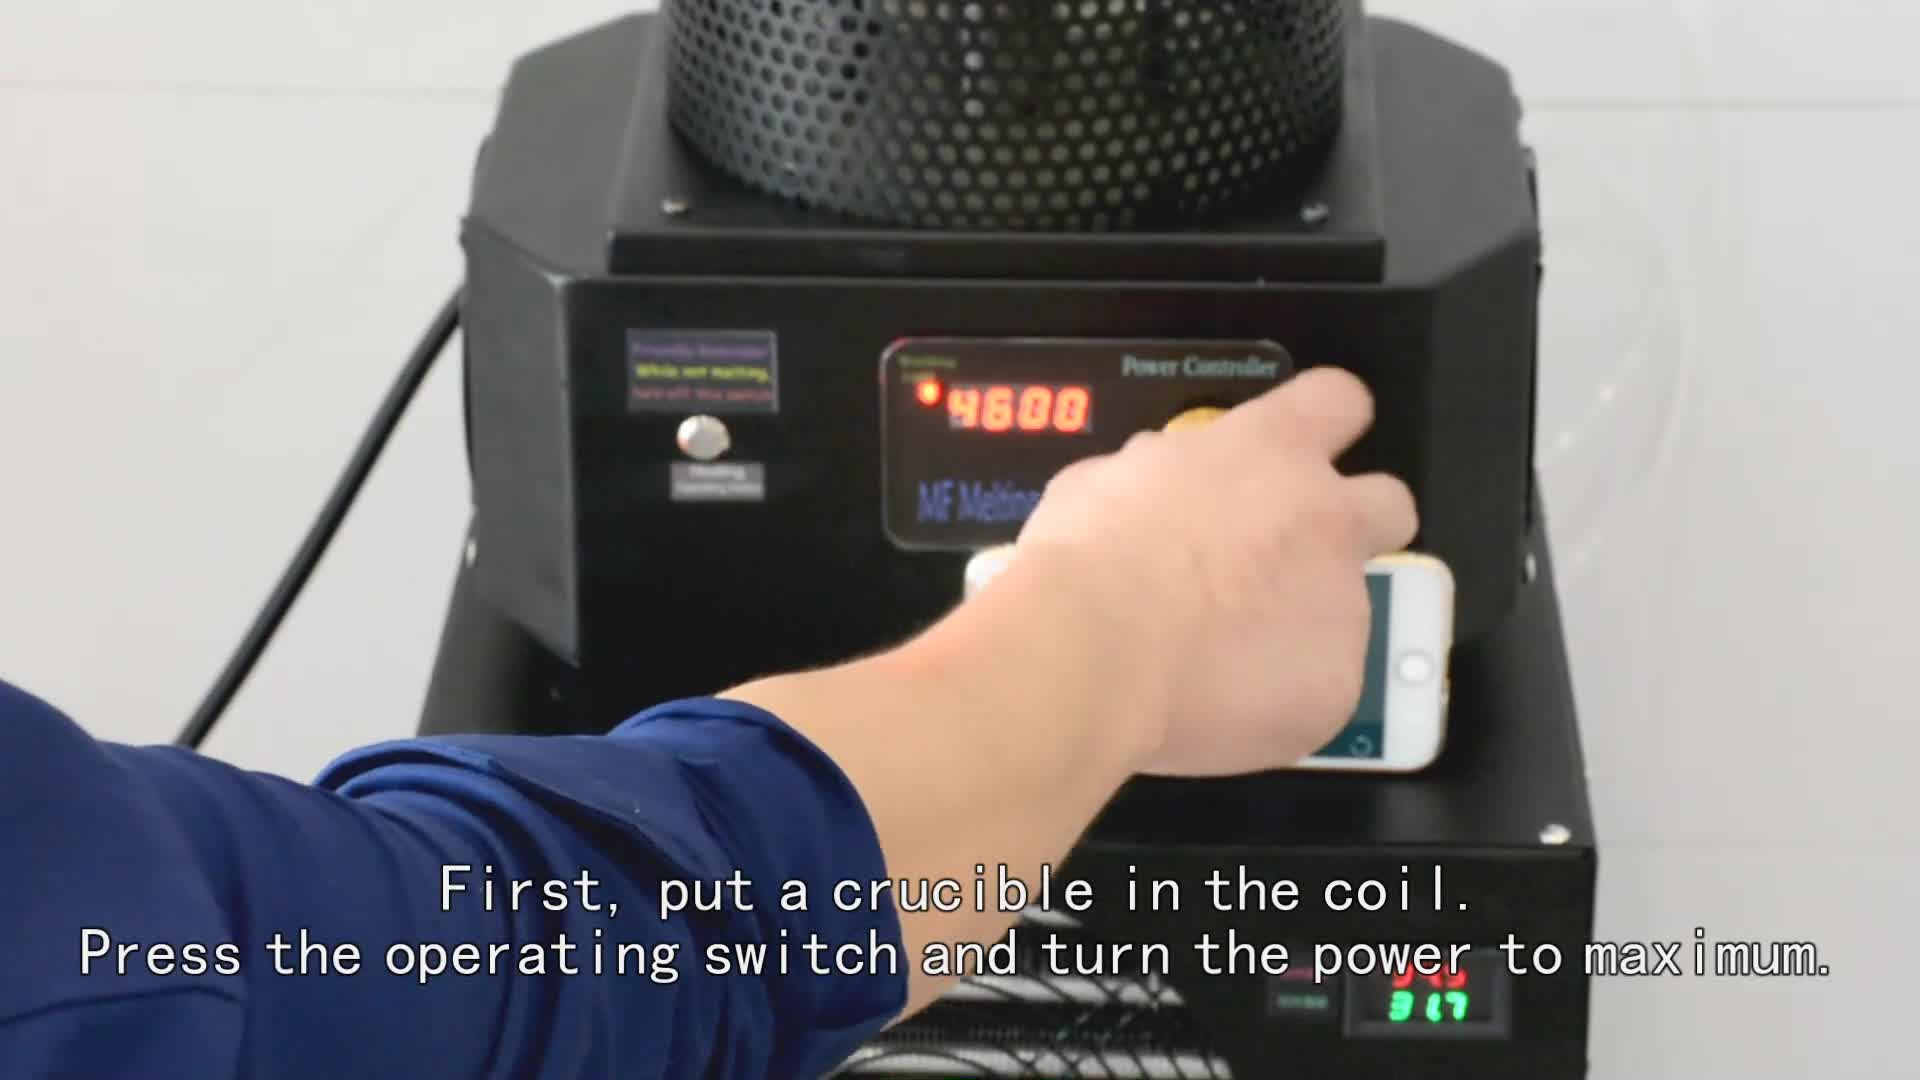 3KG 1500 골드 실버 구리 유도 용광로 전기로